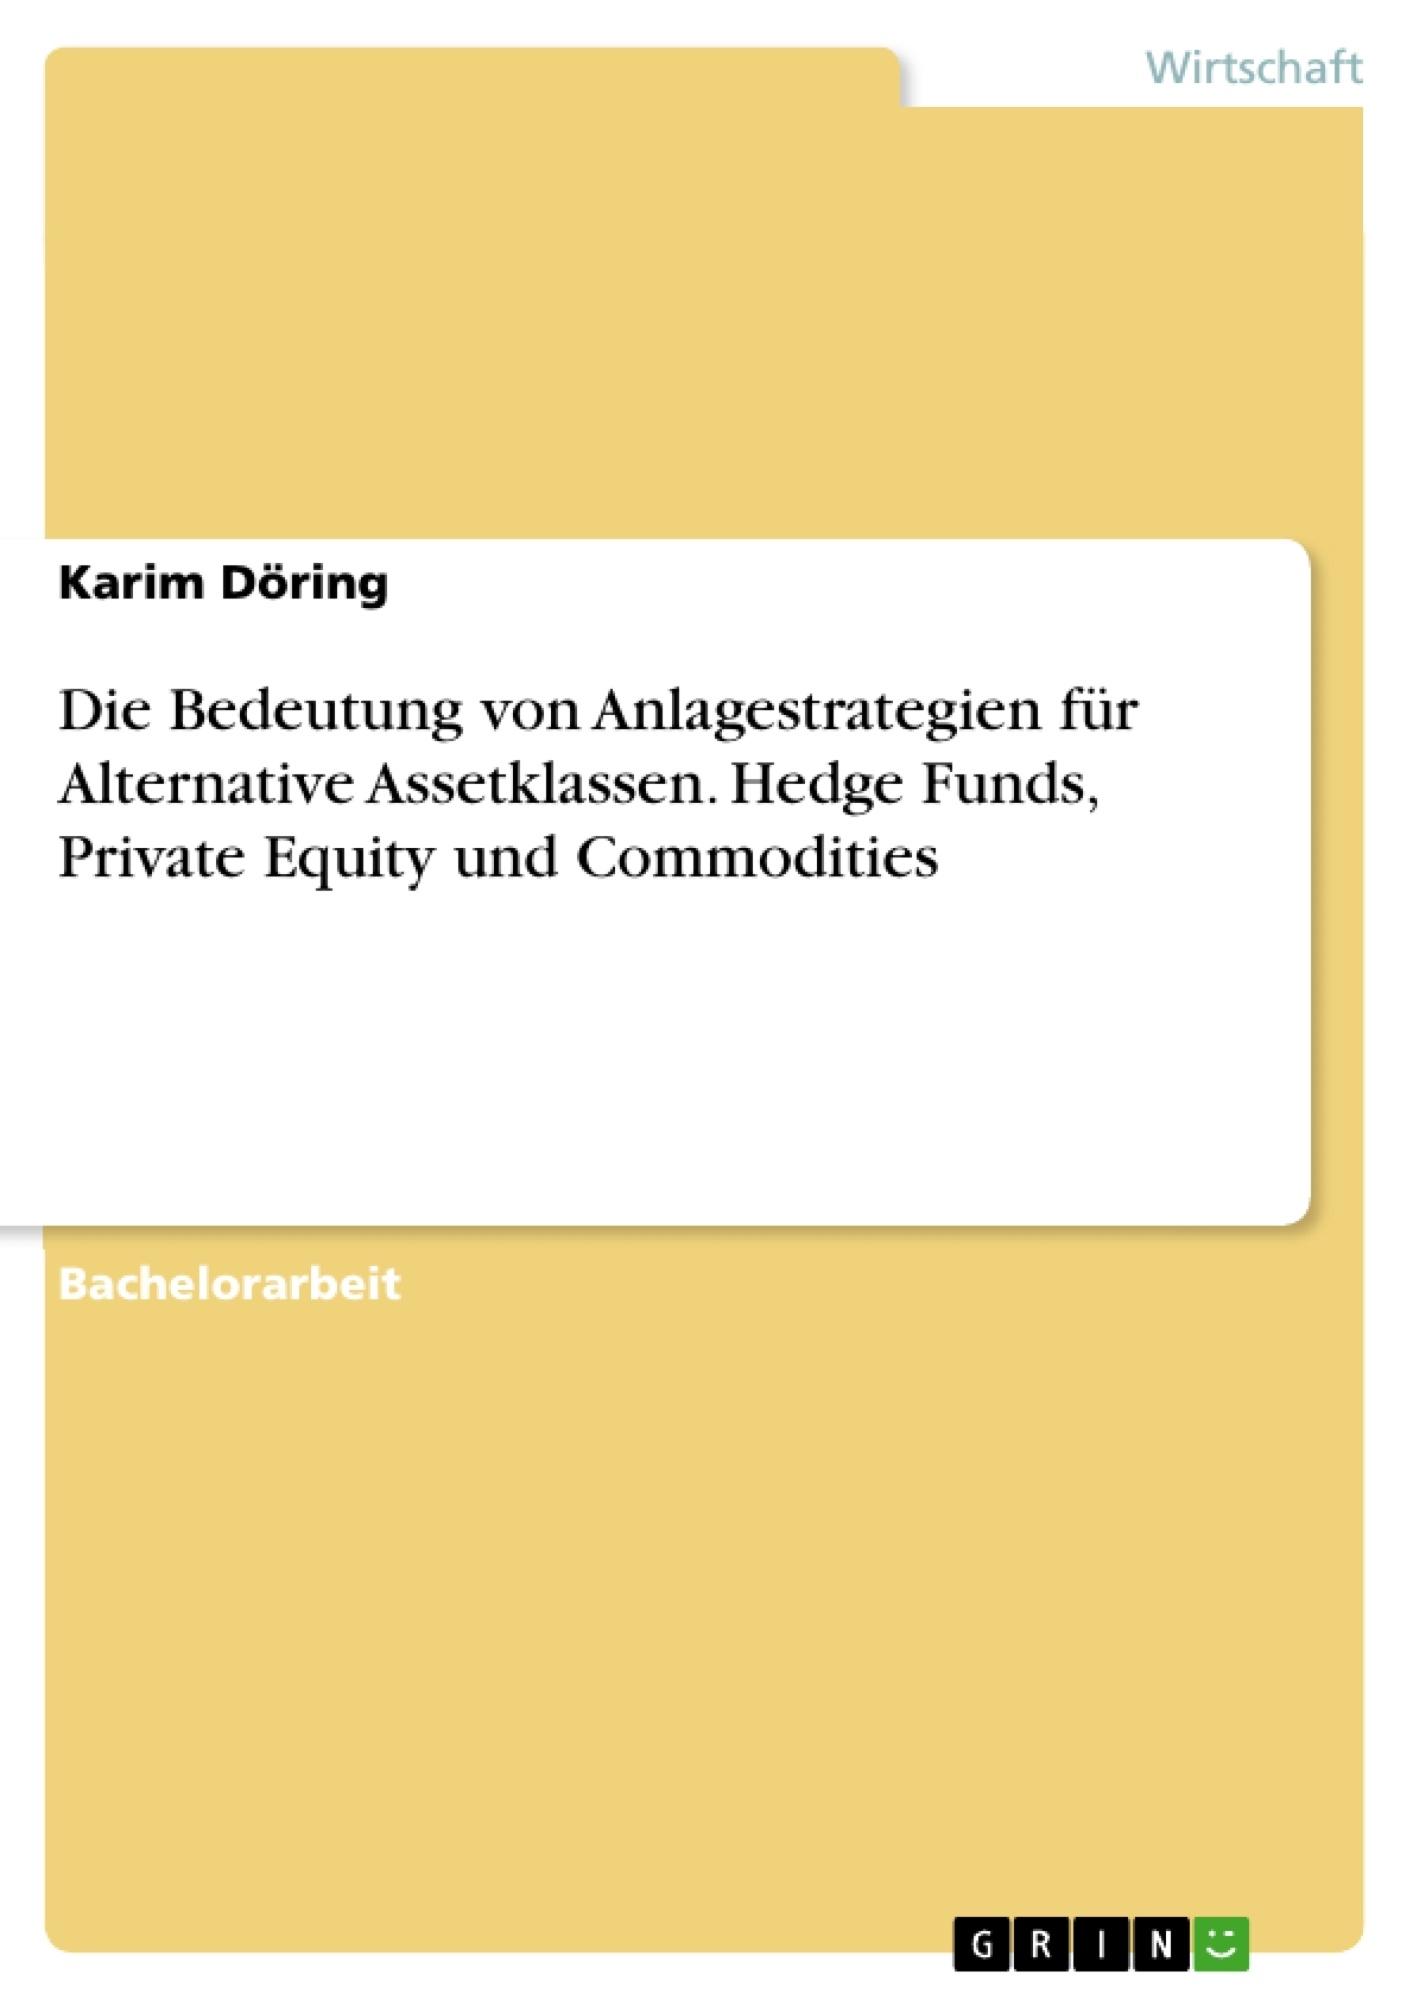 Titel: Die Bedeutung von Anlagestrategien für Alternative Assetklassen. Hedge Funds, Private Equity und Commodities